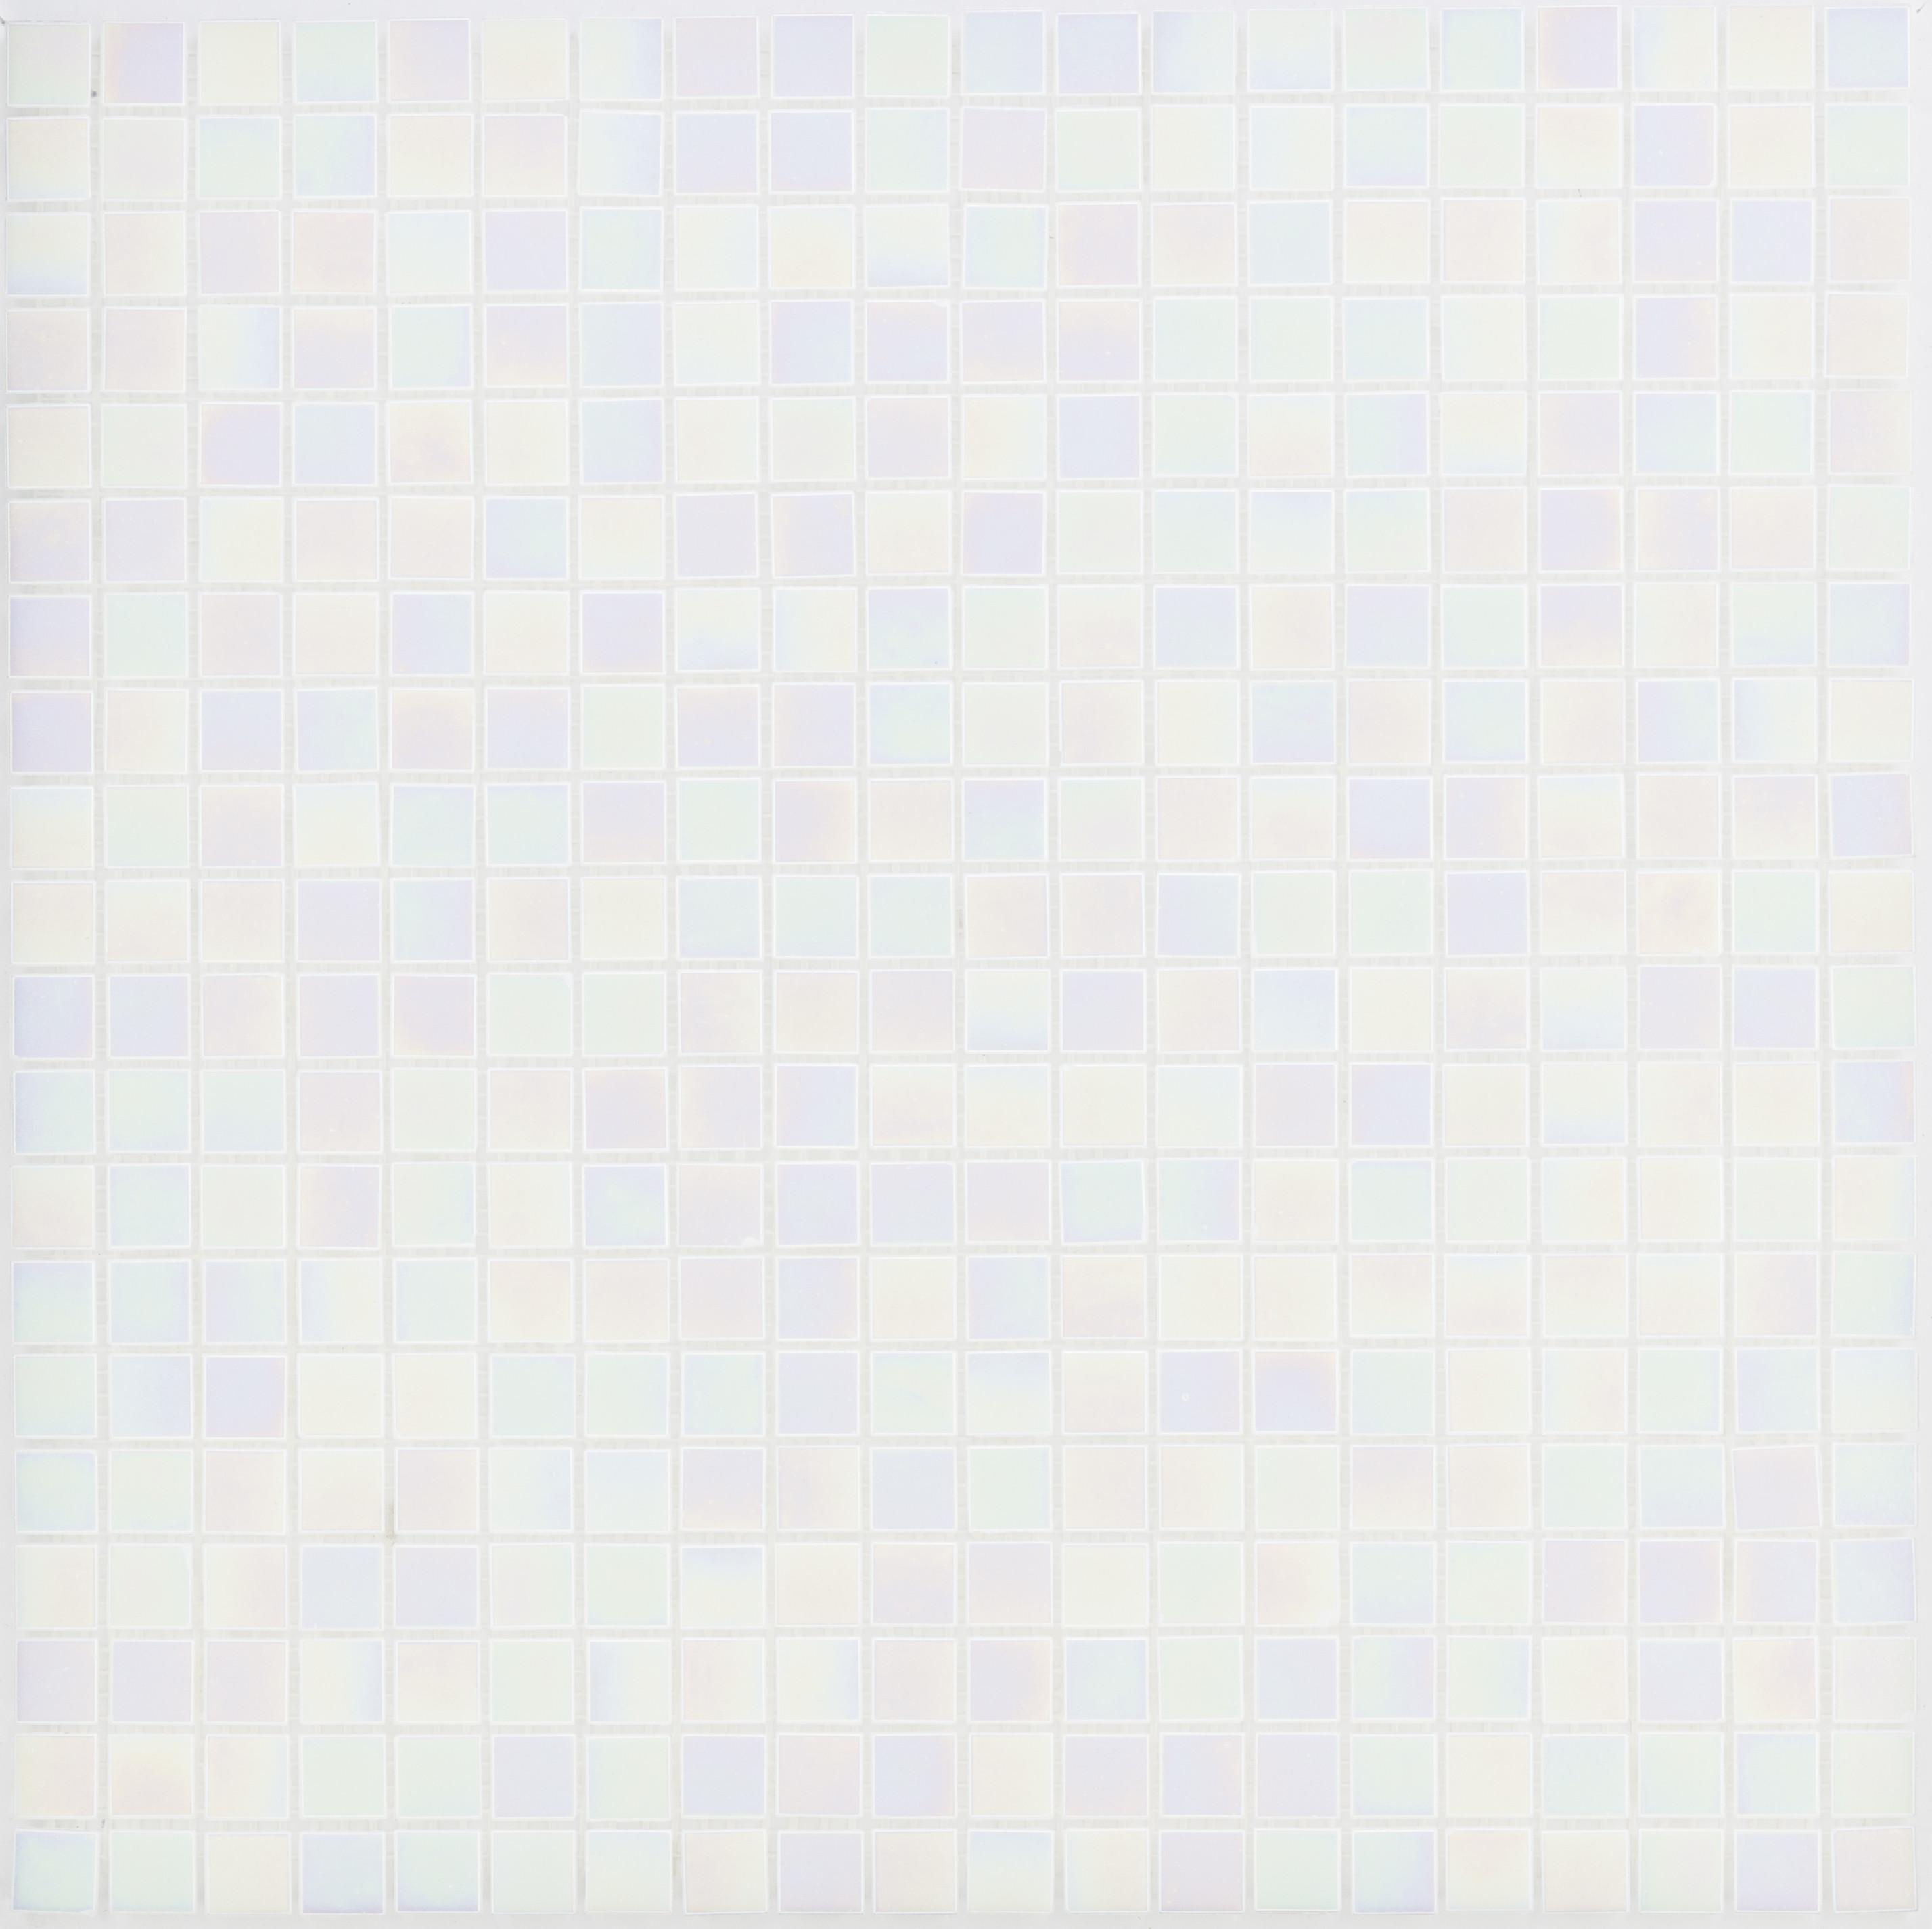 Bild von Glasmosaikfliesen Perlmutt Weiß Glänzend für die Wand 32,7 x 32,7 cm - Interio